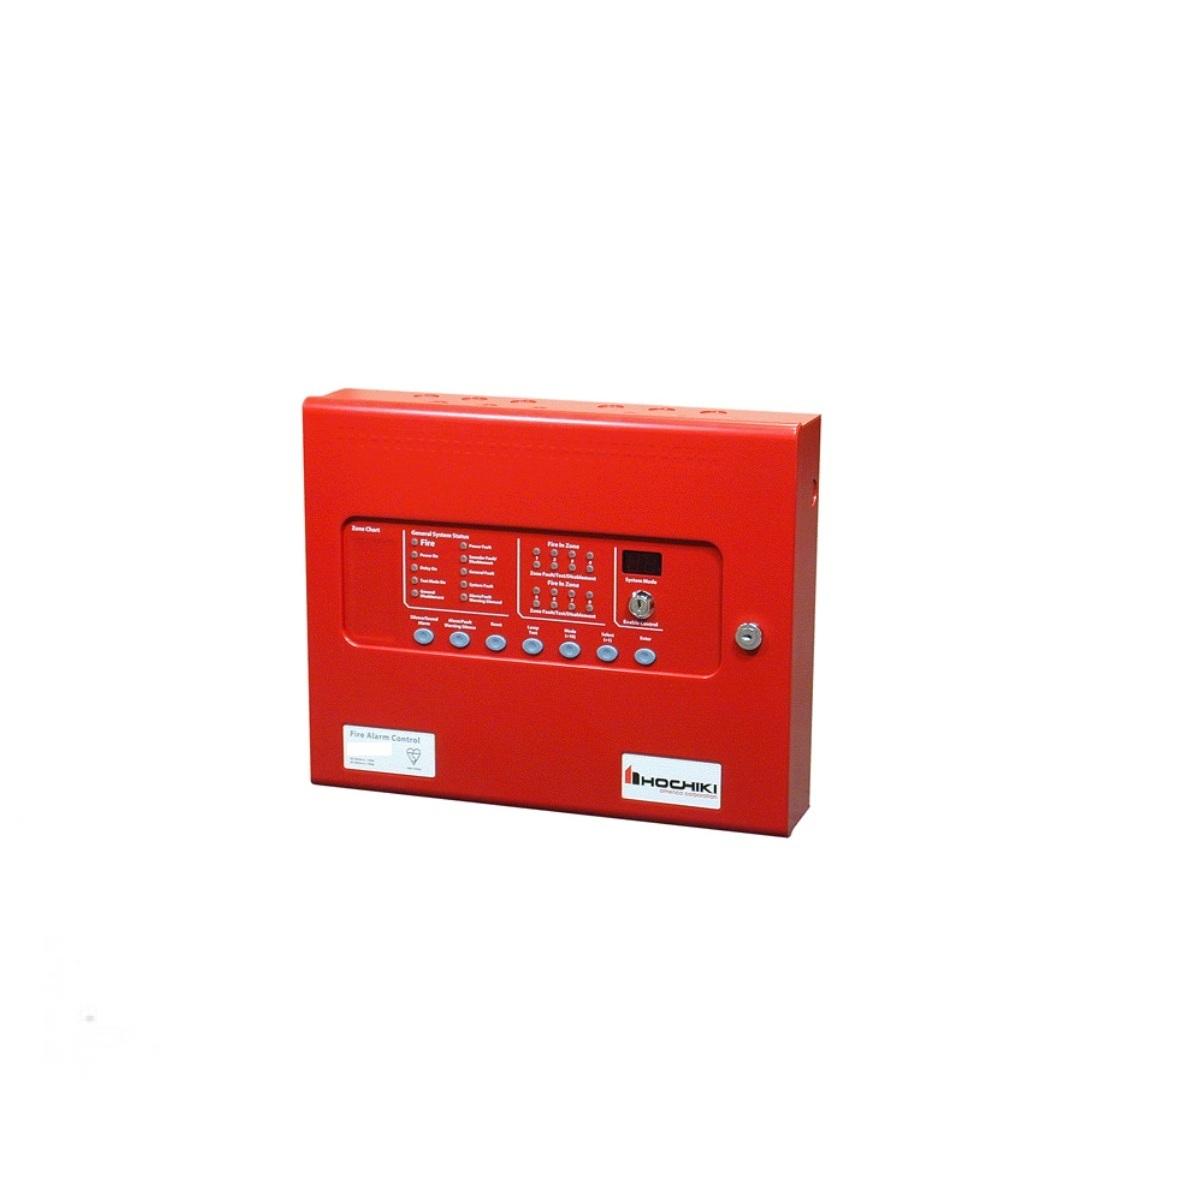 Tủ điều khiển báo cháy trung tâm HOCHIKI HCV-4